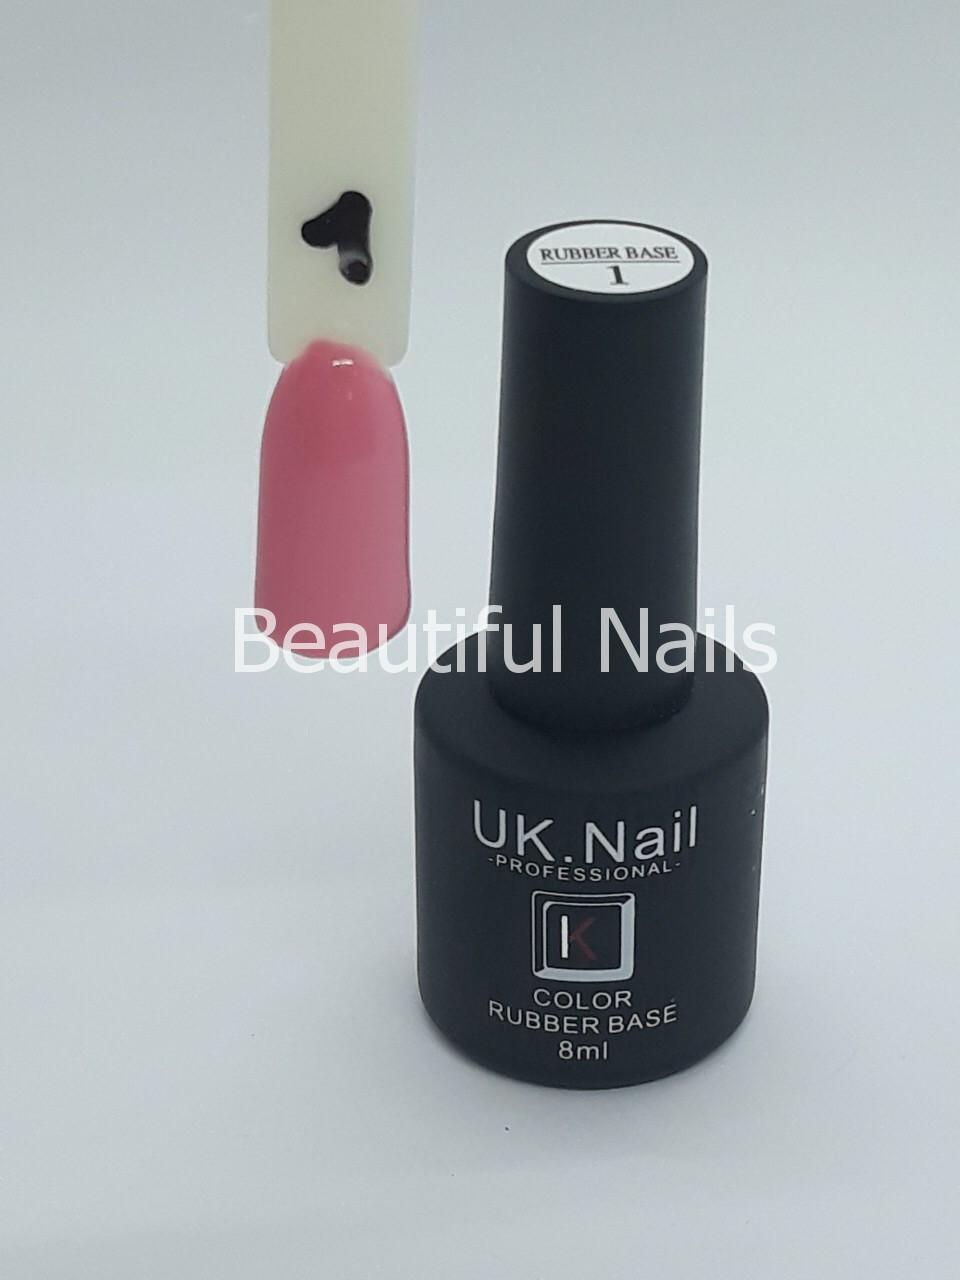 База для ногтей цветная UK.Nail Color Rubber Base№1  8 мл.